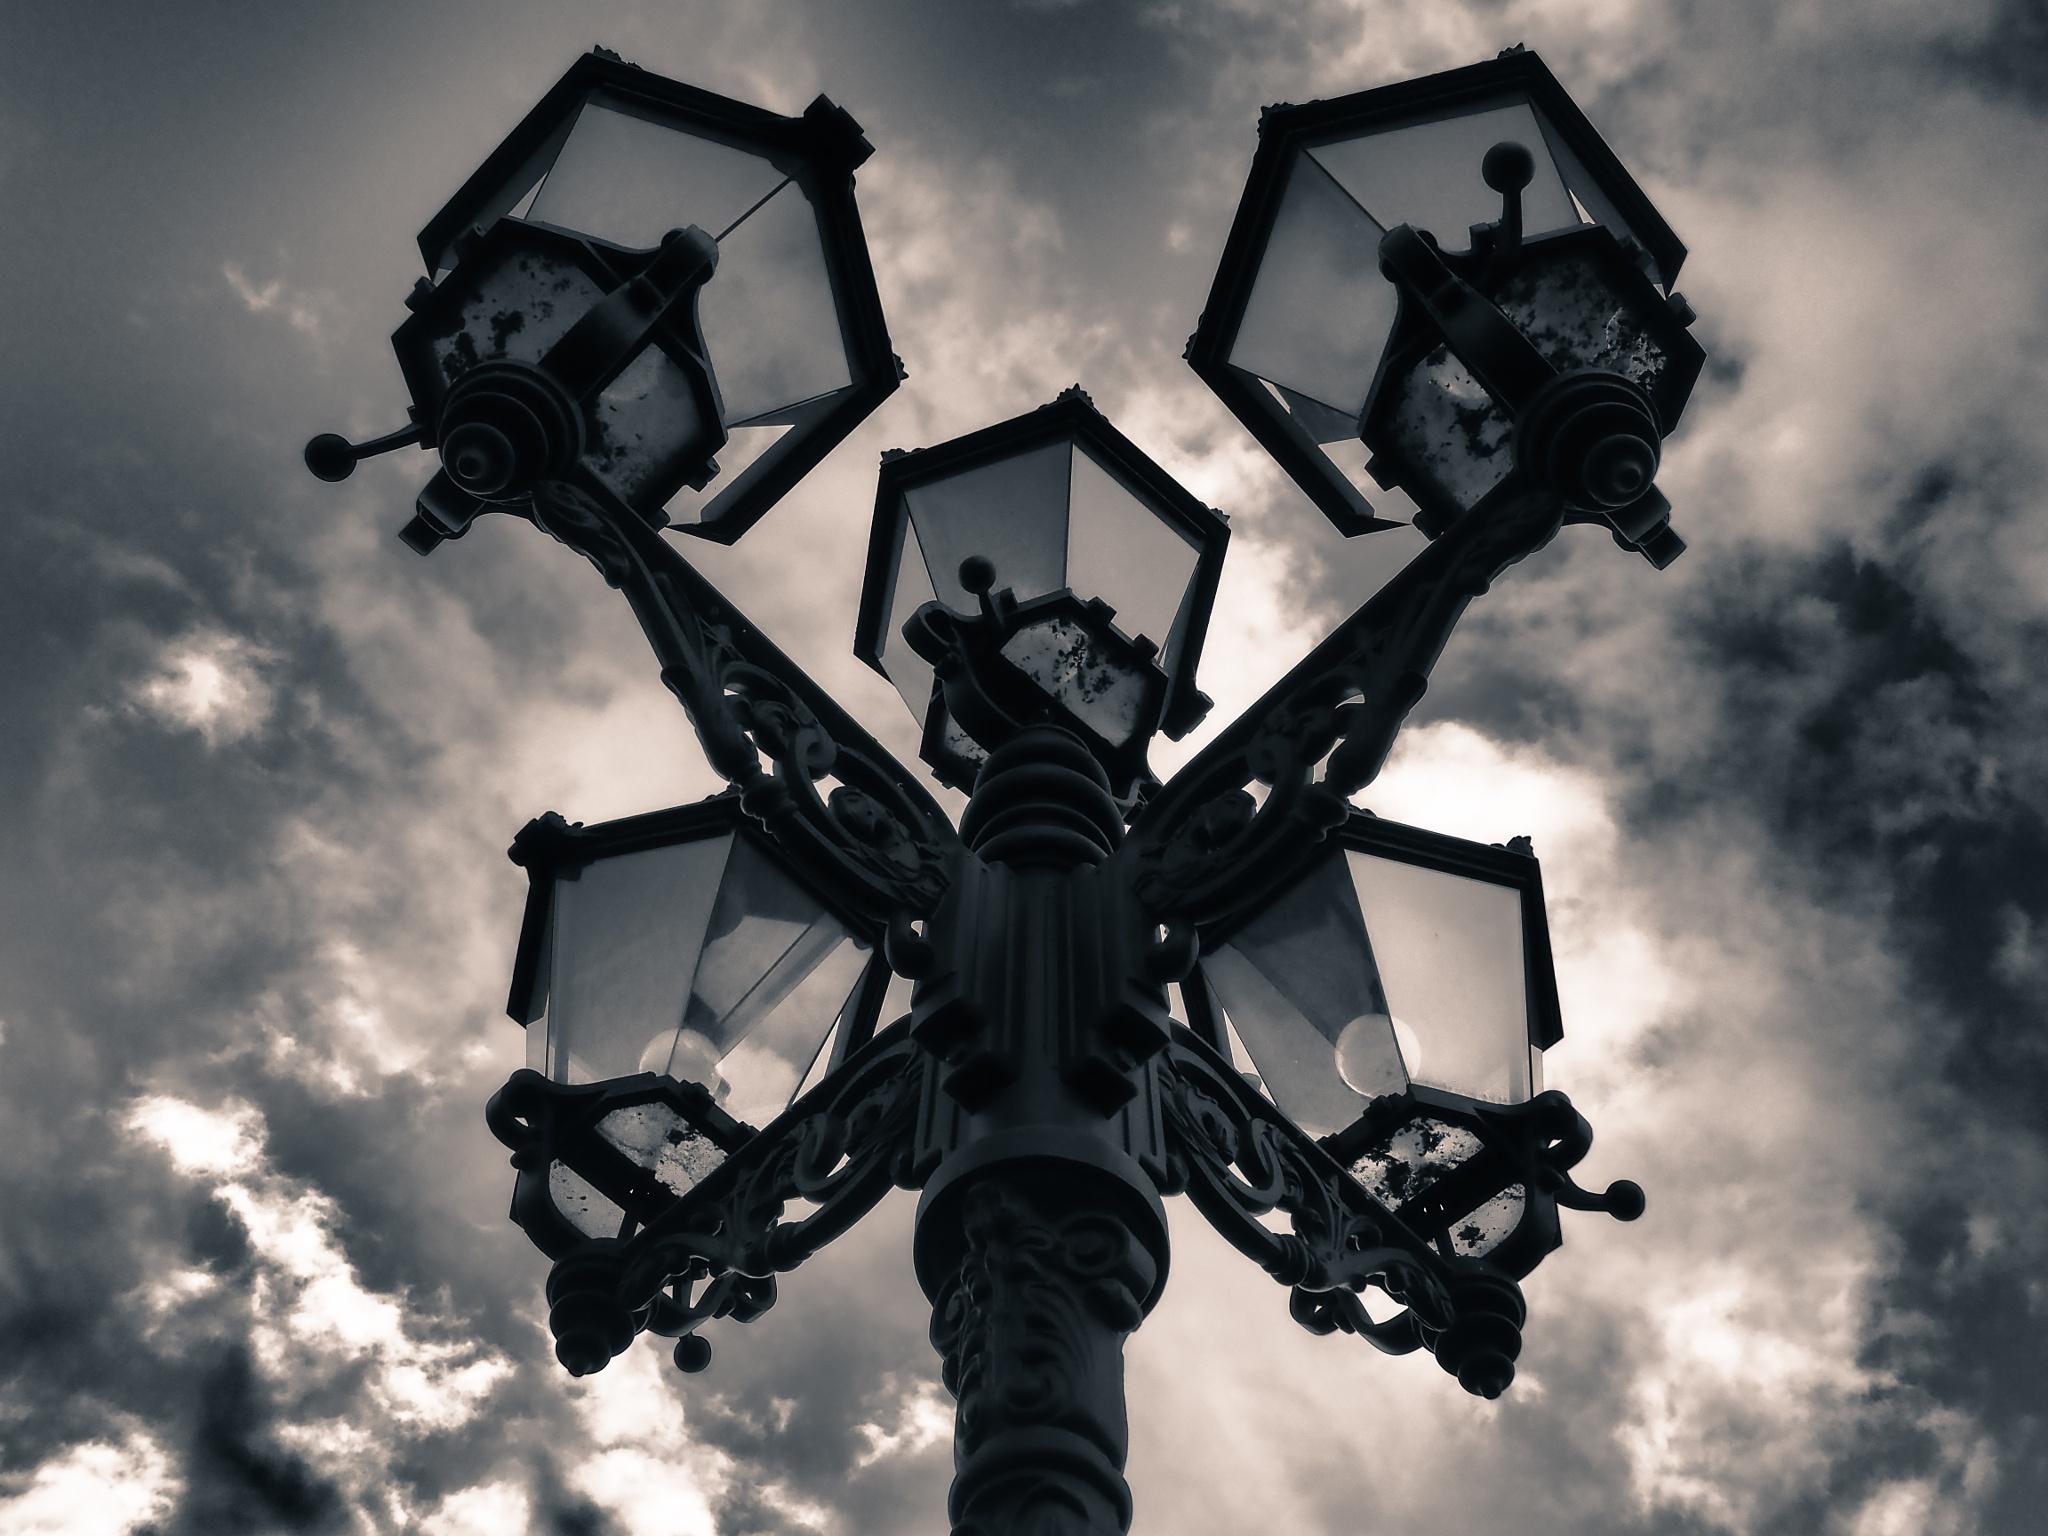 Berlin Lantern Black & White by Jeans Brown Photography / Jens Schwarz